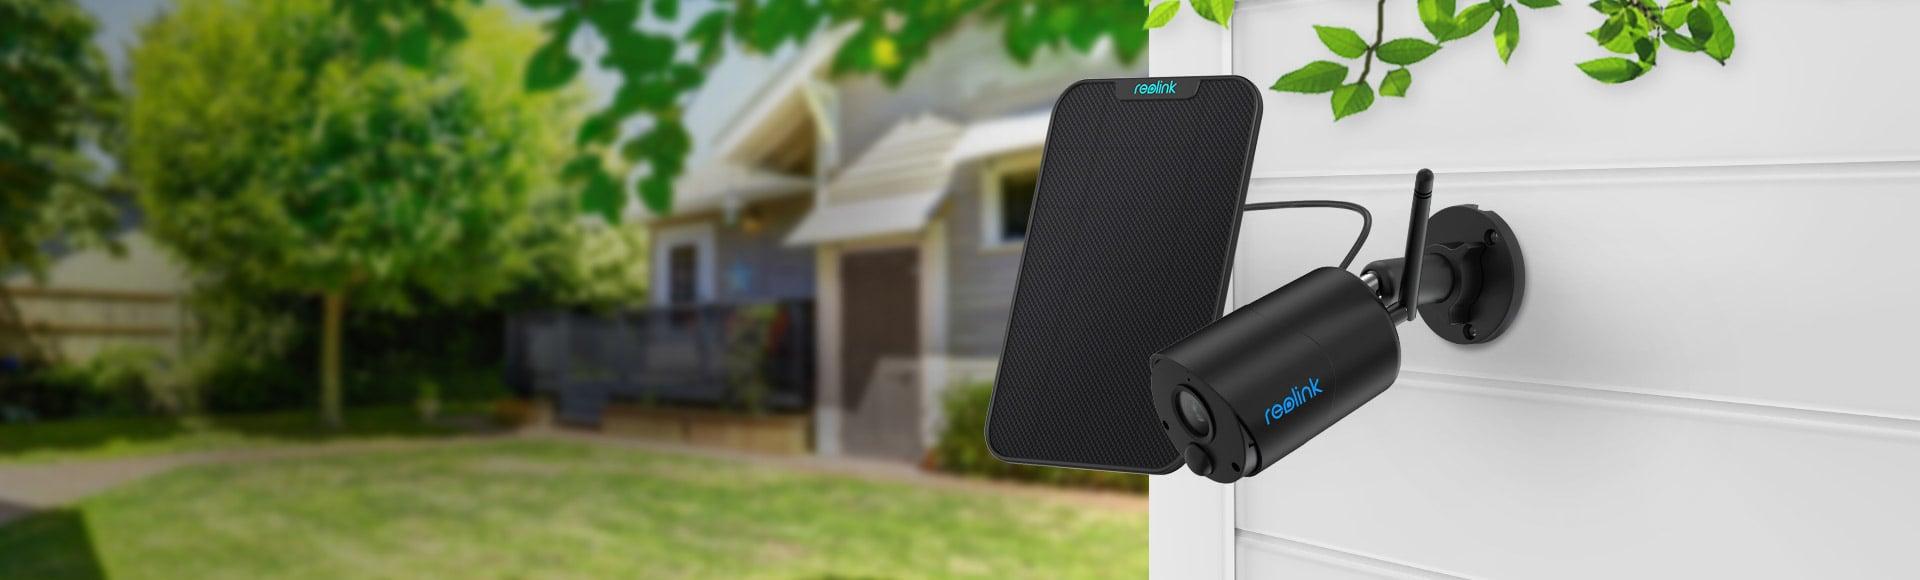 Kabellose WLAN-Kamera mit Solarpanel für Outdoor